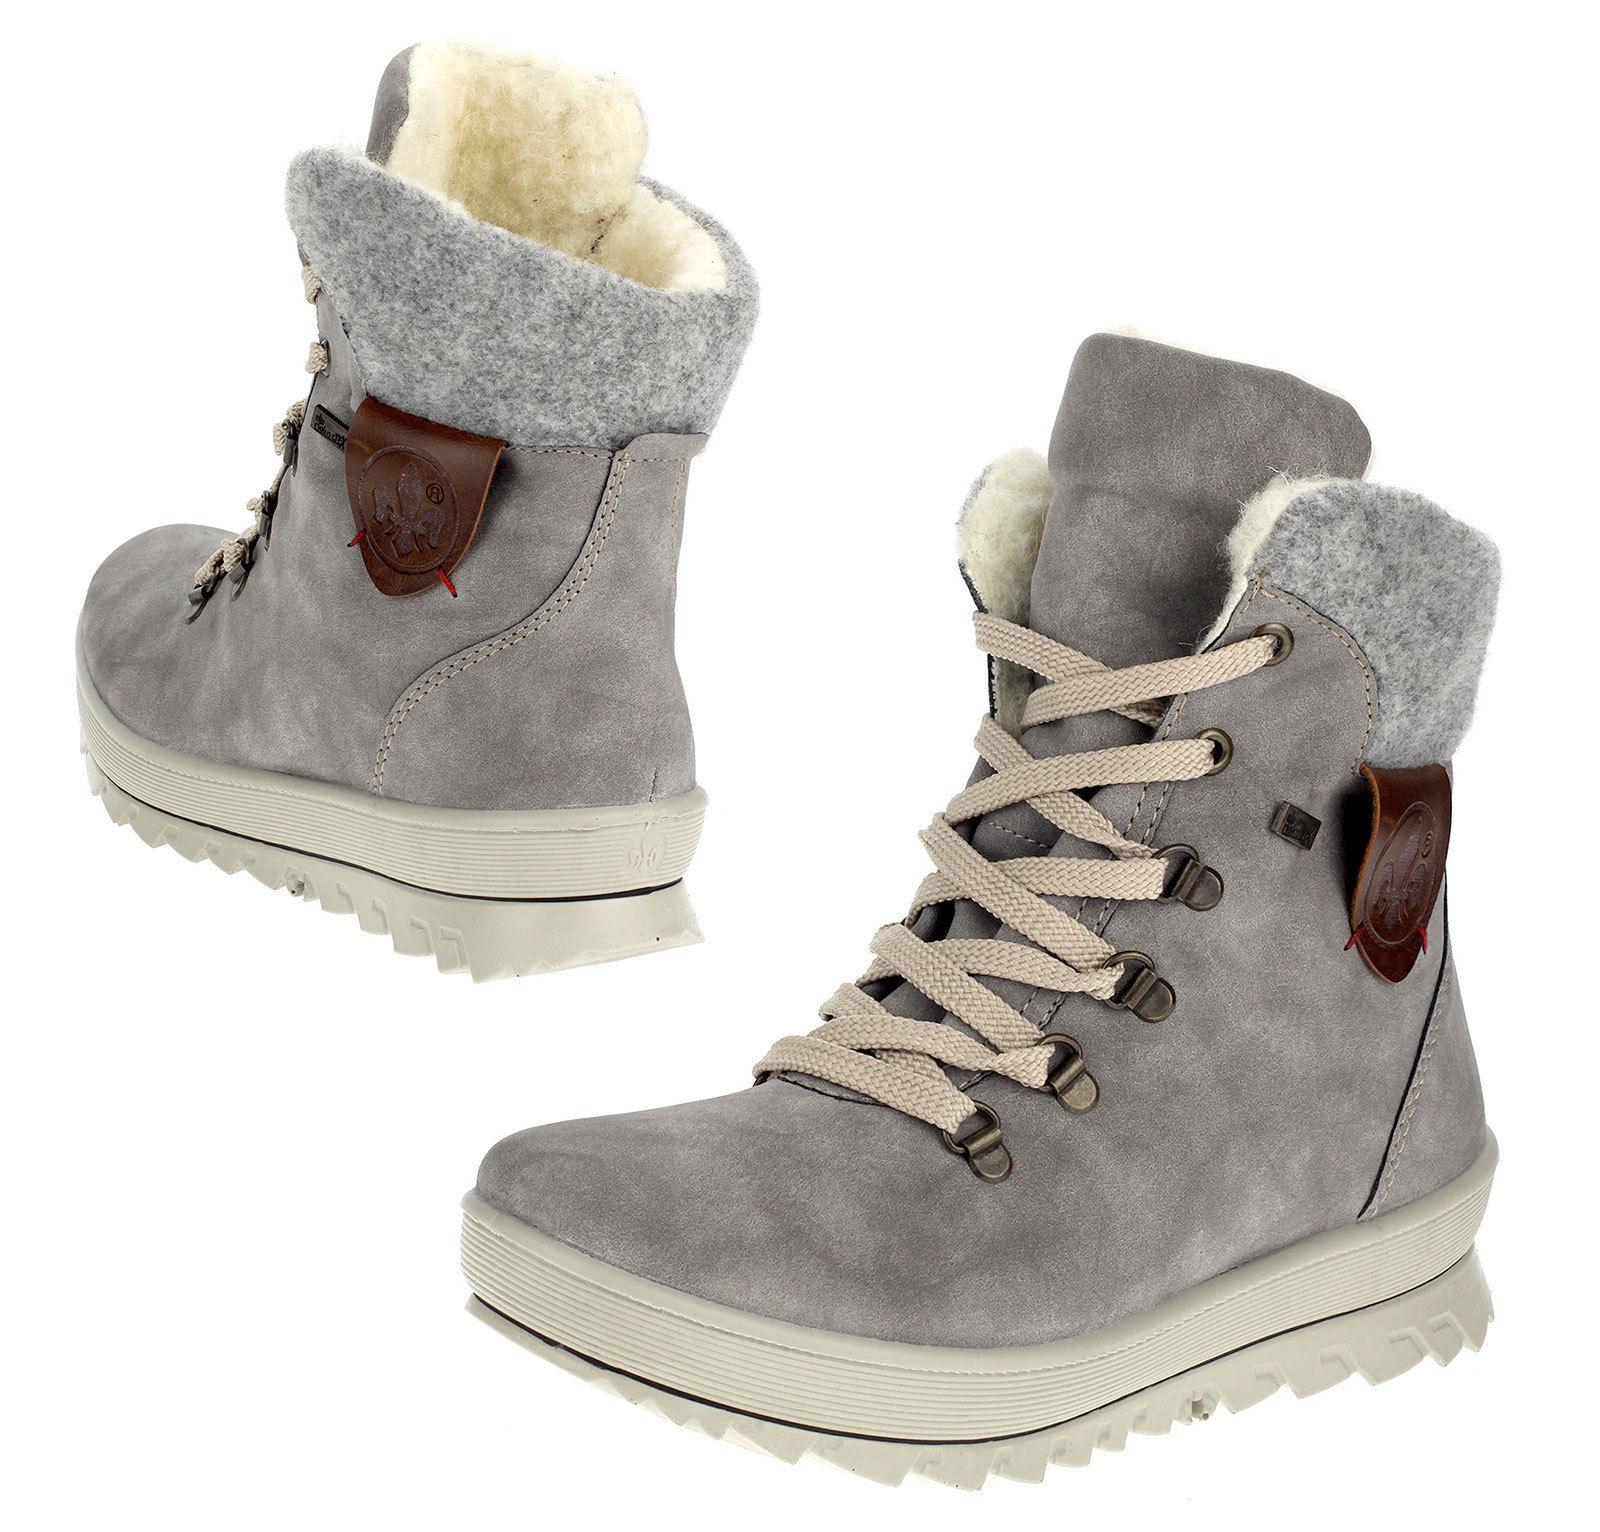 Chaude Bottines Y4331 Rieker Femme D'agneau Détails Tex Boots Sur 40 Gris Doublure Laine m8nOwvN0